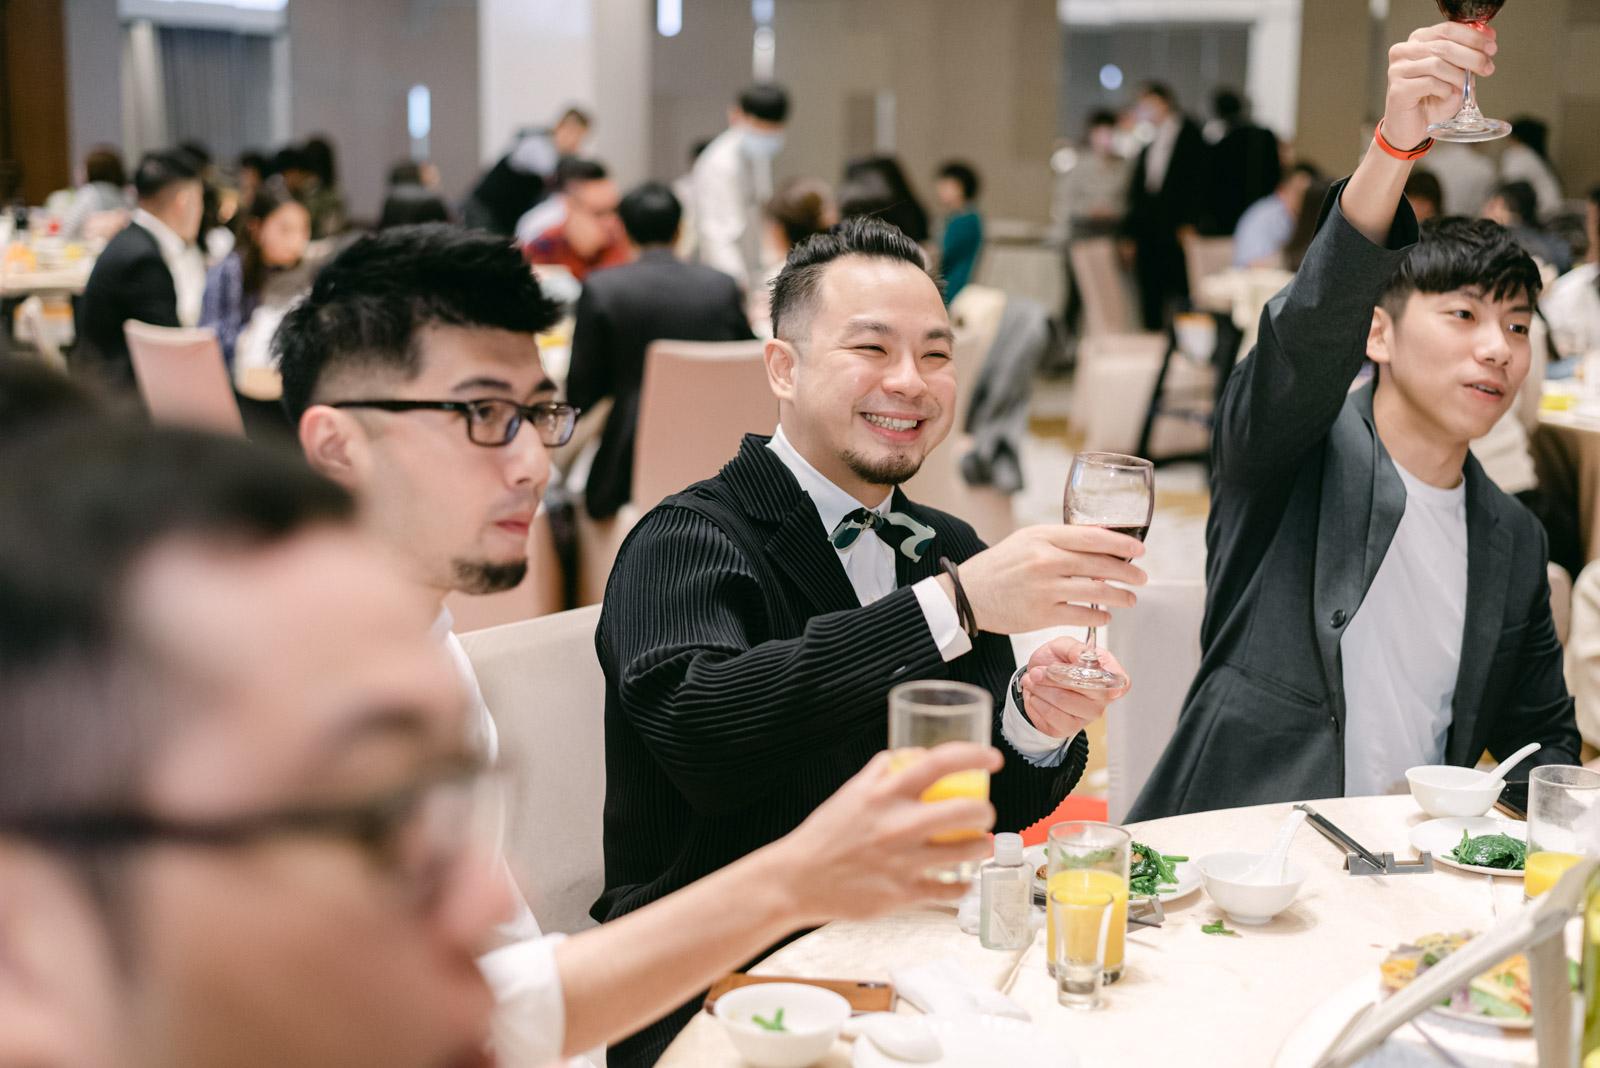 大溪 Westin-戶外婚禮-證婚-底片攝影-mark-hong-唯諾法式禮服婚紗-